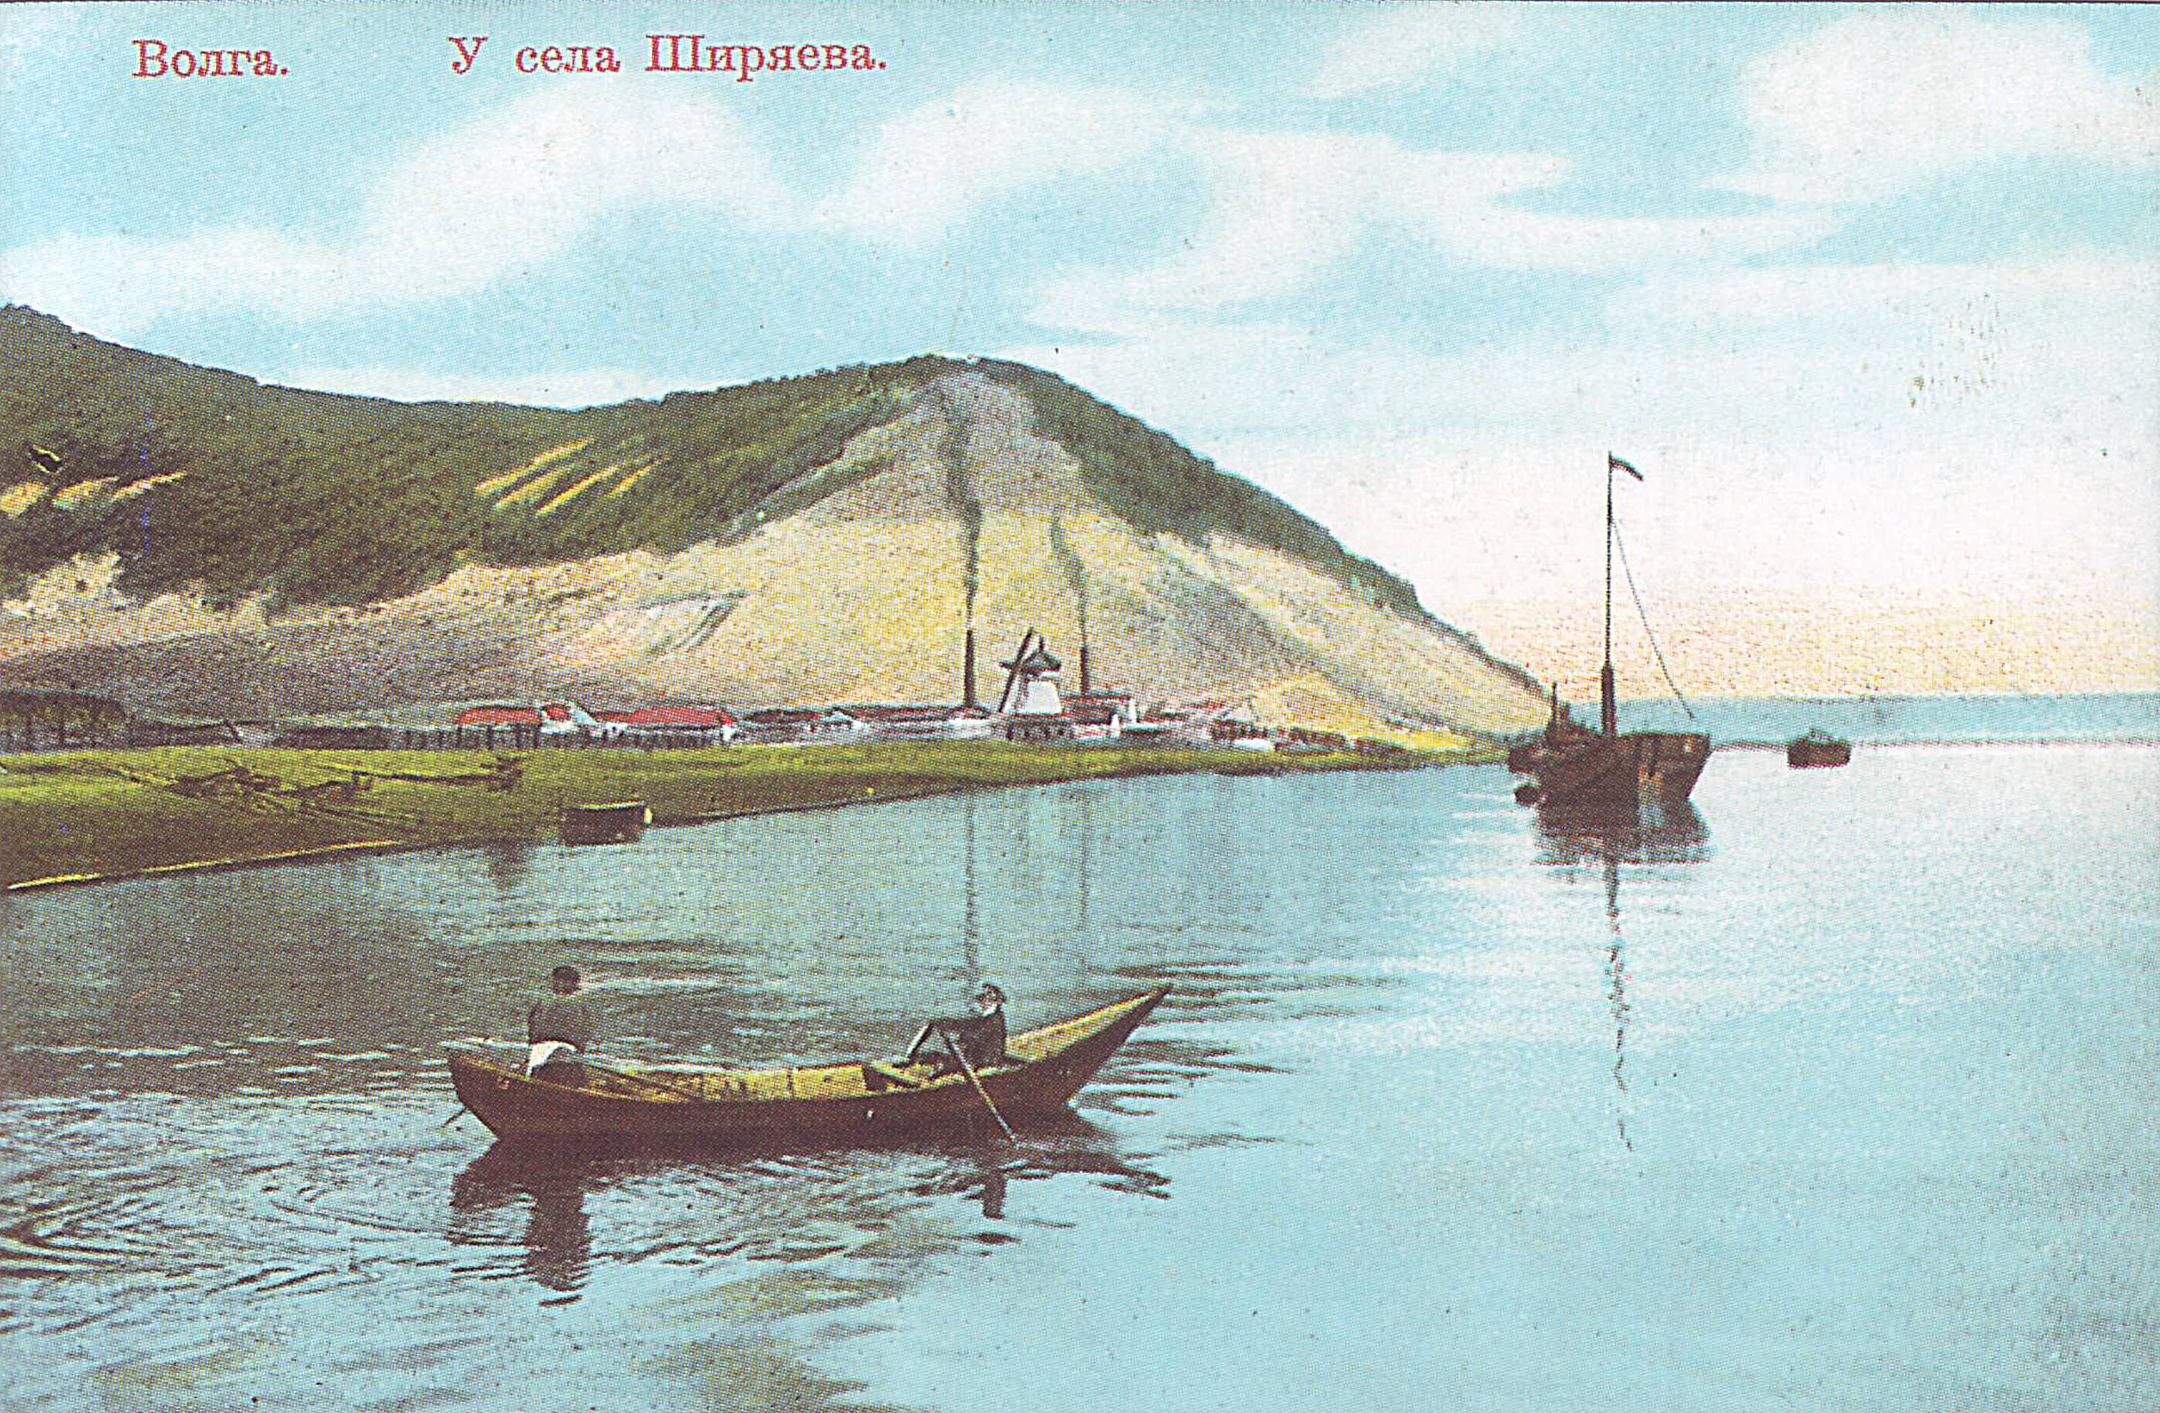 У села Ширяева